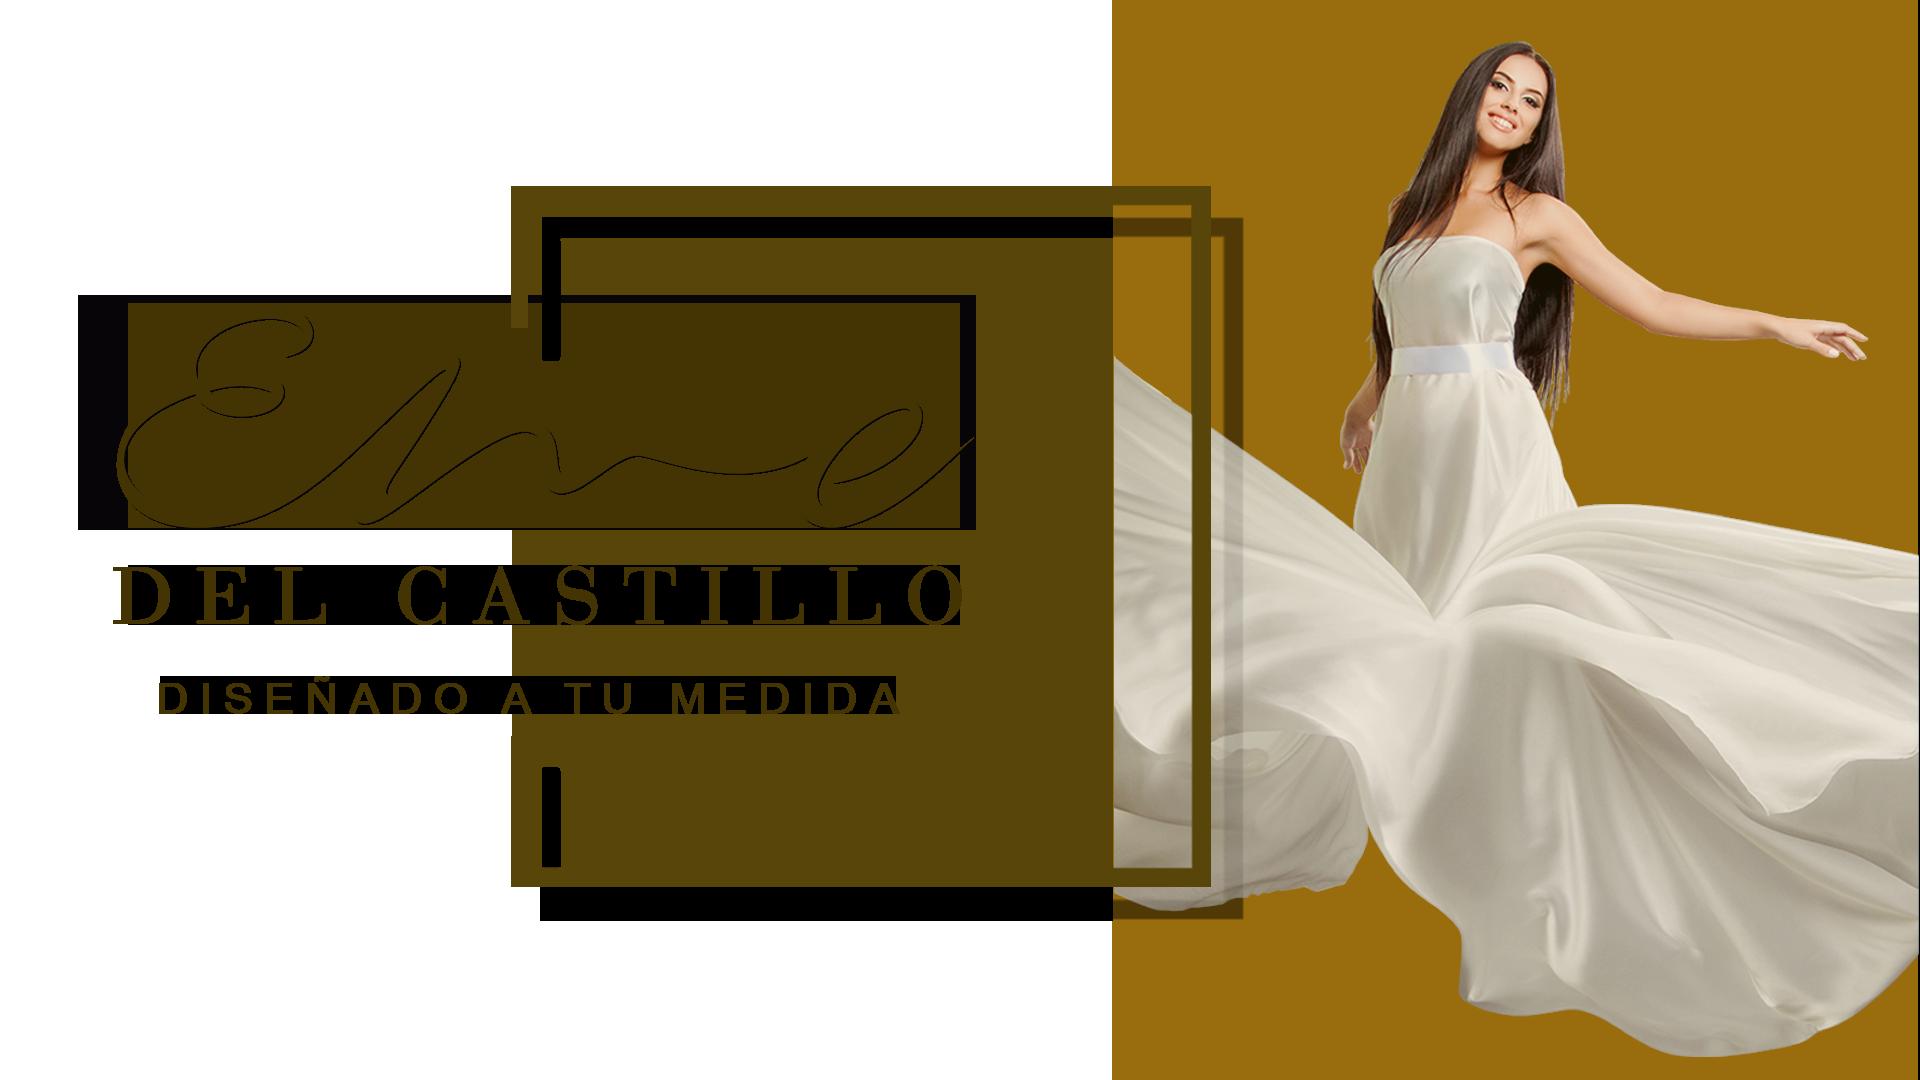 Eme del Castillo